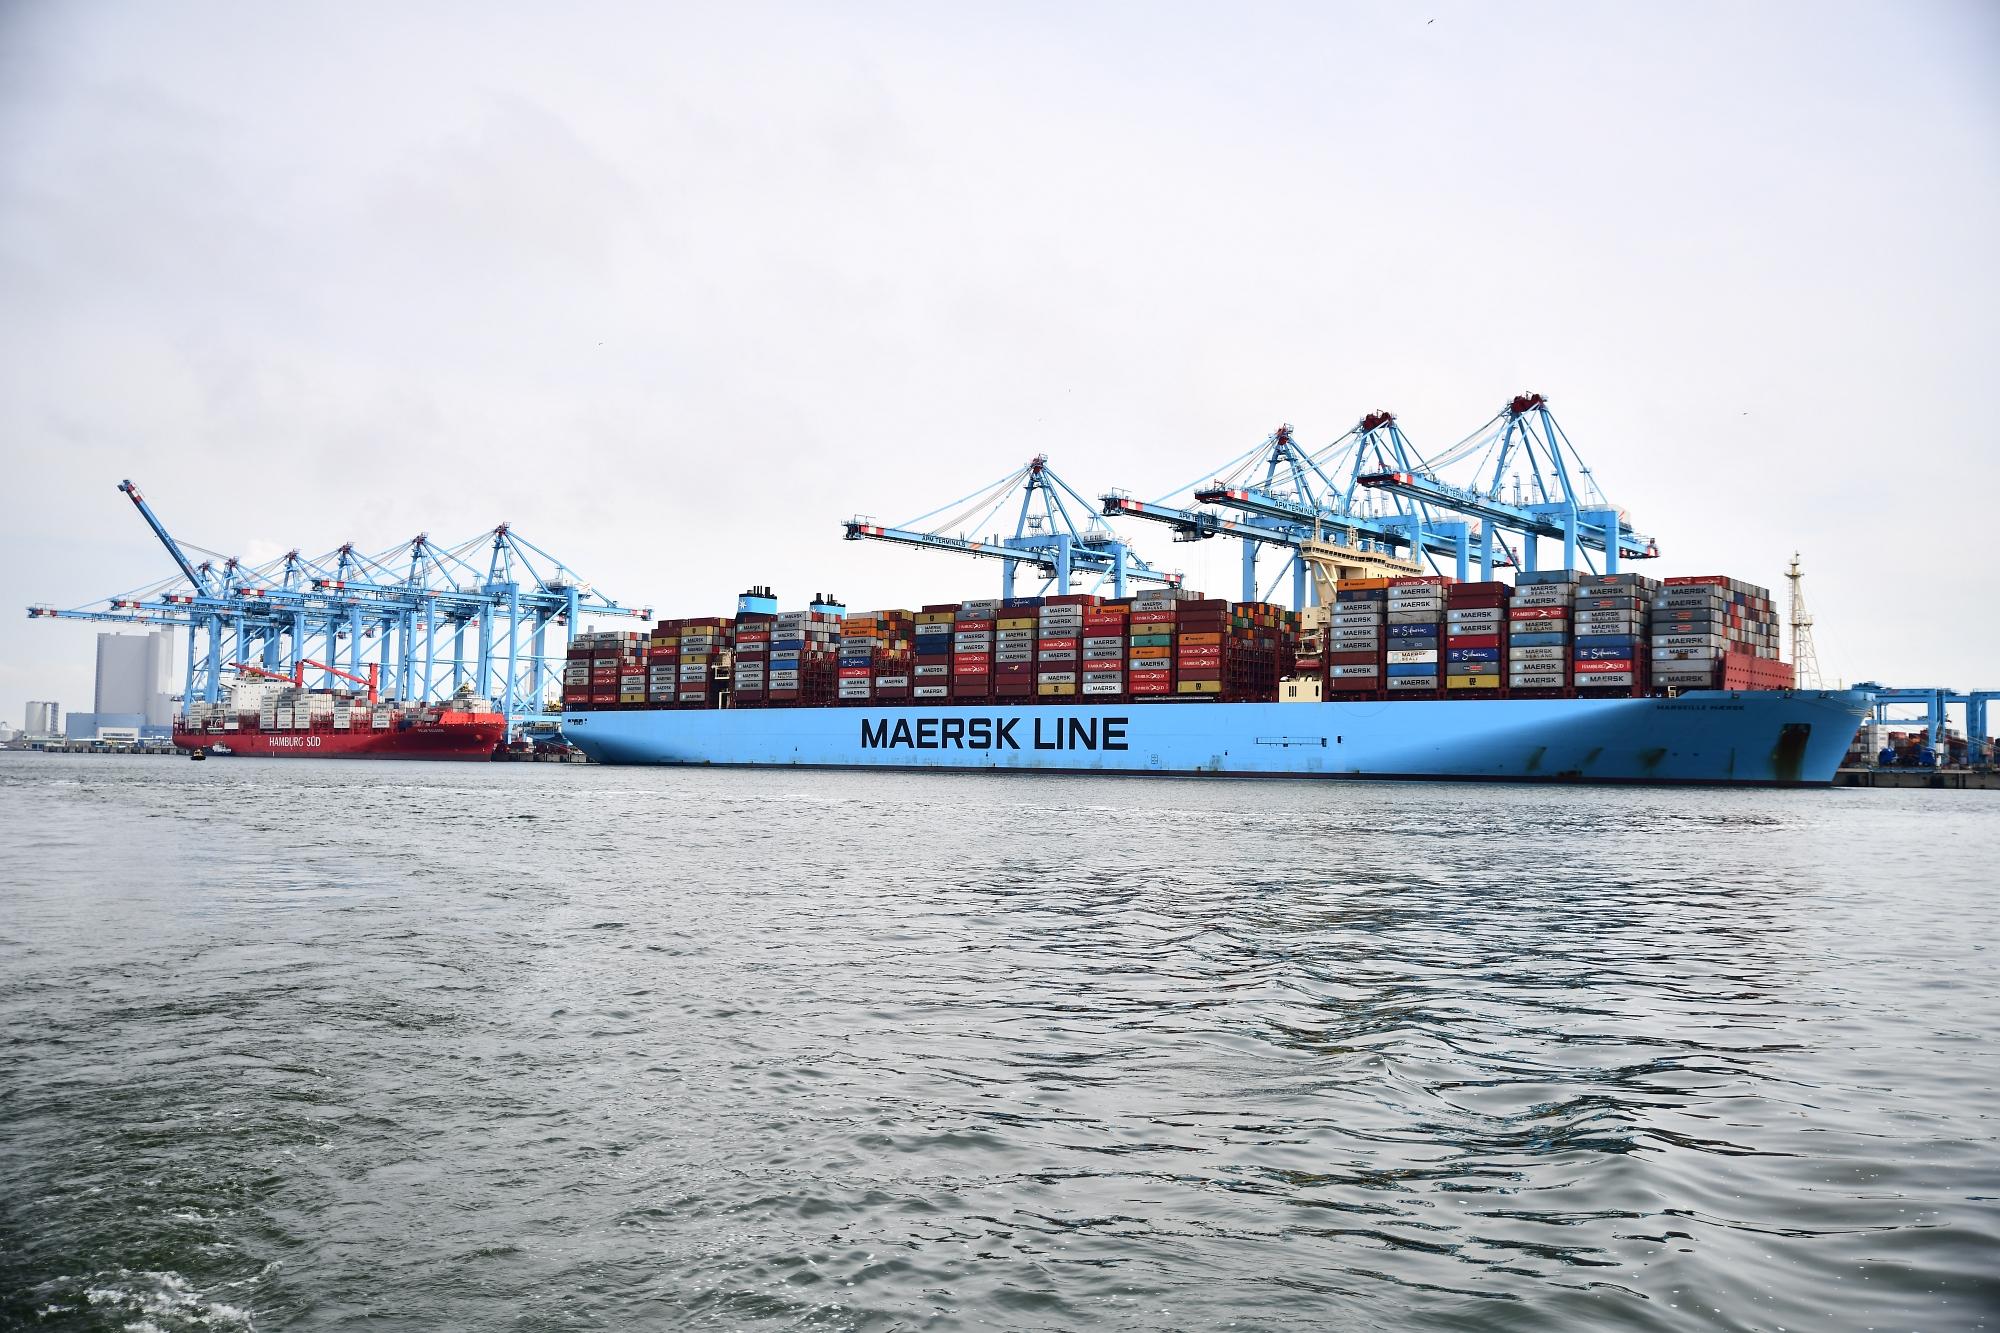 De prijsstijging was voor 's werelds grootste containerrederij A.P. Møller-Maersk al reden de winstraming voor dit jaar met bijna 5 miljard dollar (4,2 miljard euro) te verhogen. (Foto Maersk)